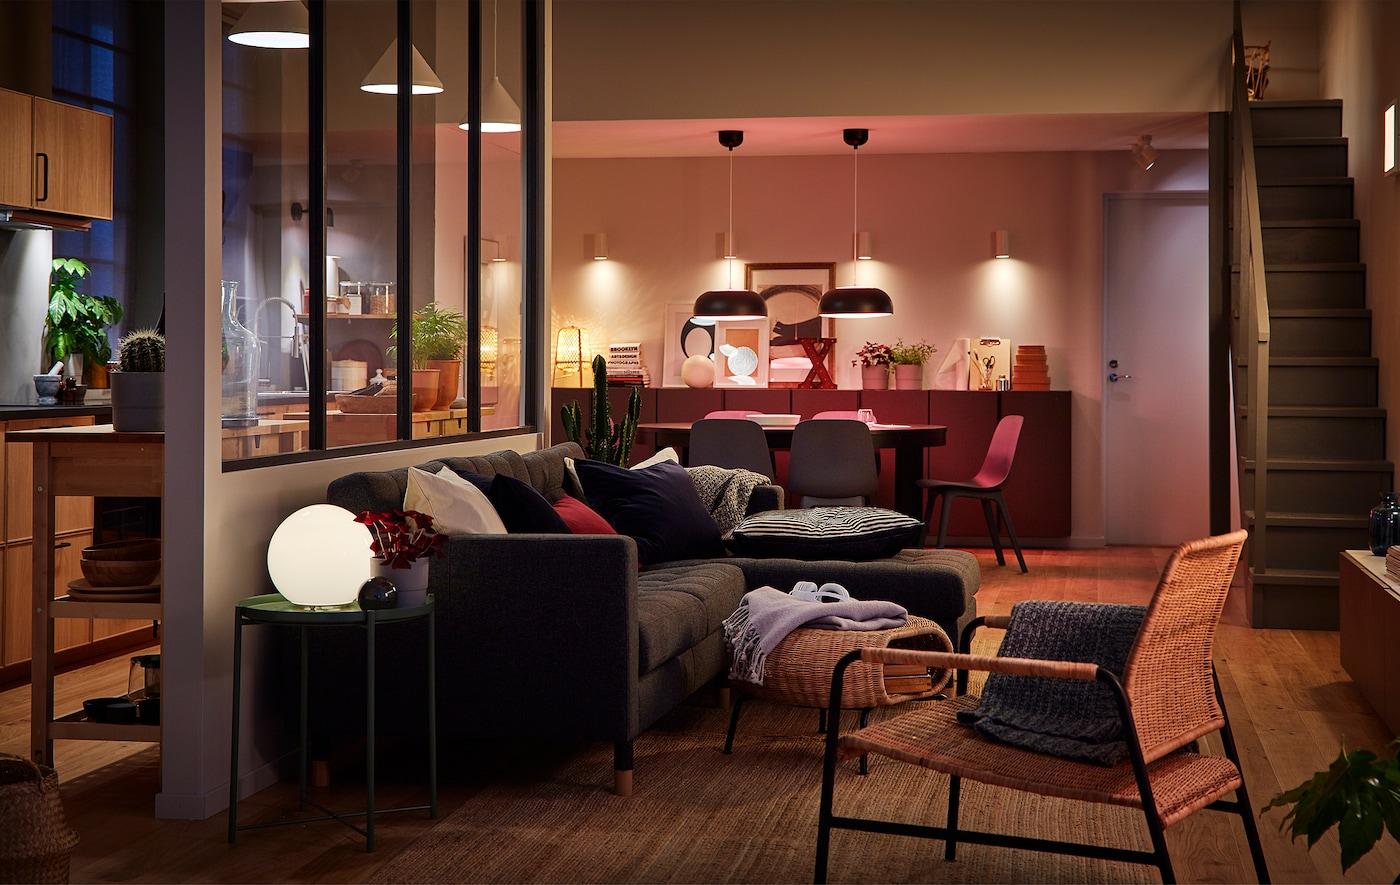 Velika soba s kuhinjom, blagovaonicom i dnevnom sobom samo prividno razdvojenima. Soba osvijetljena s više rasvjetnih tijela.